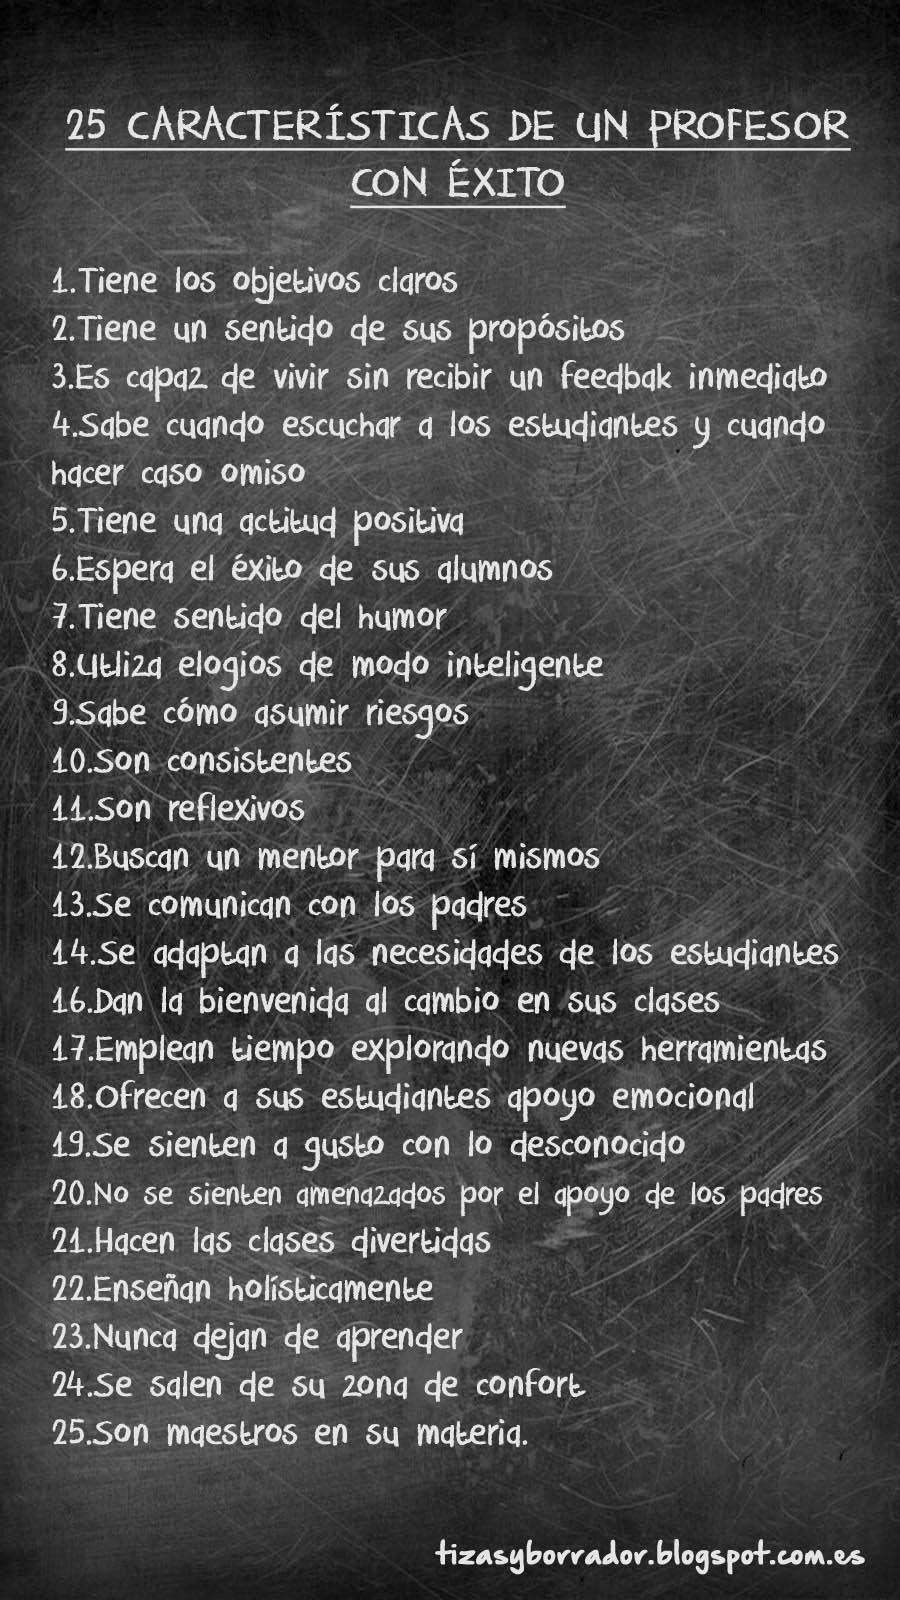 25 características de un profesor con éxito